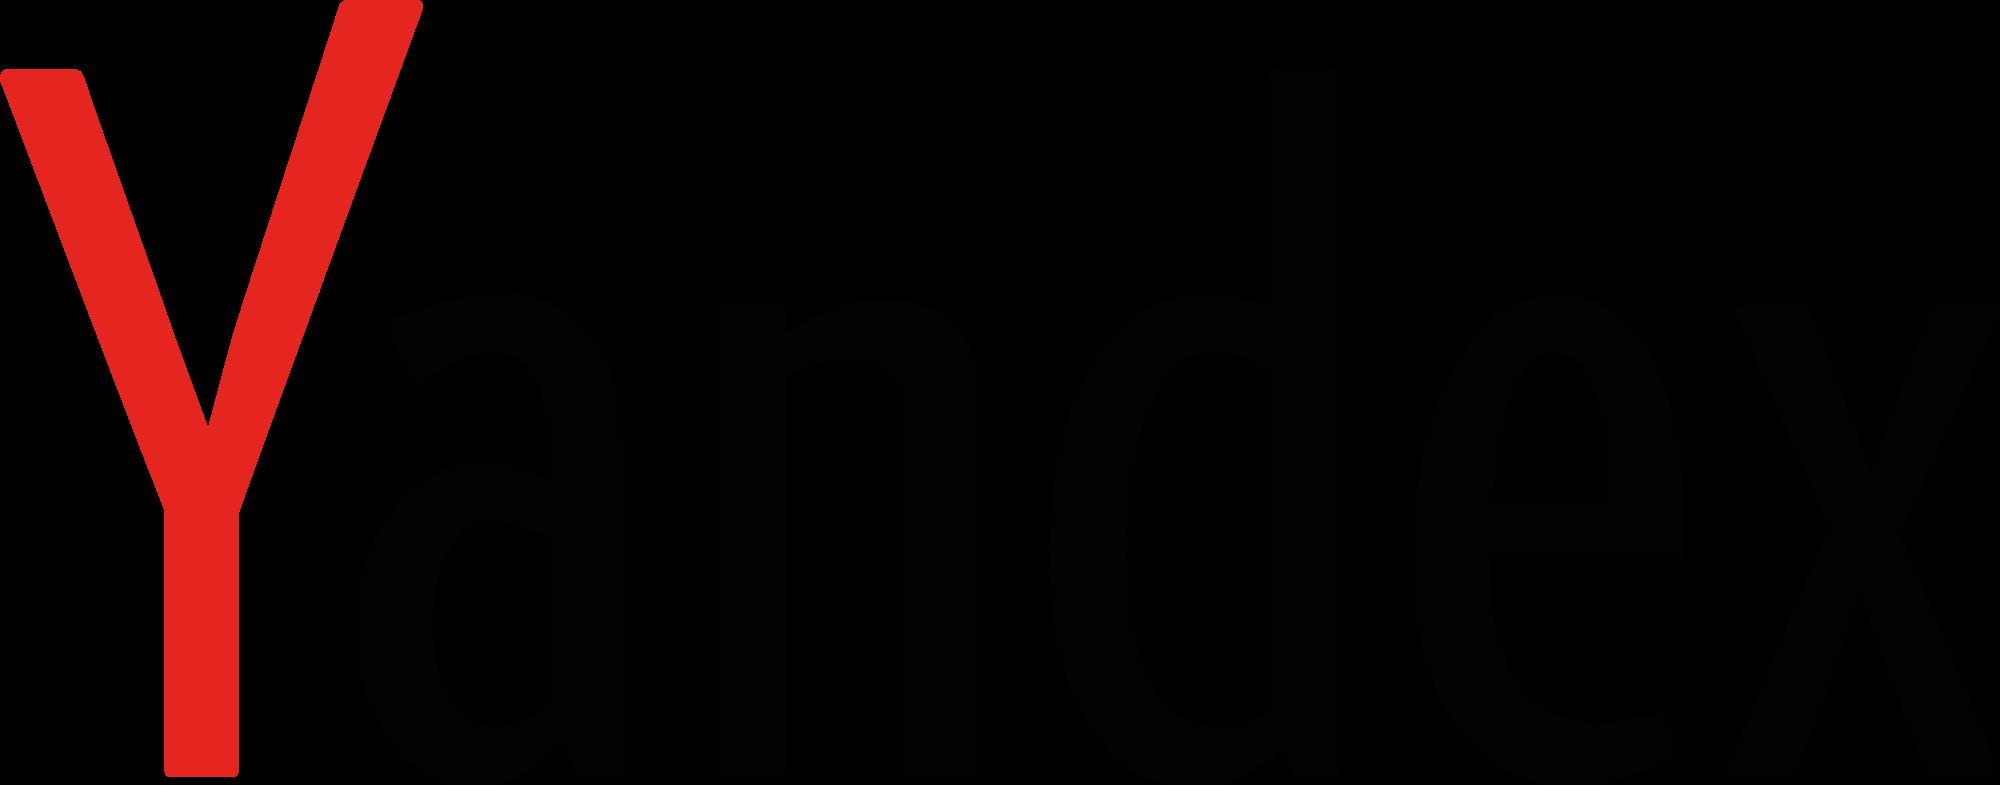 """Yandex English logo with red """"Y."""""""